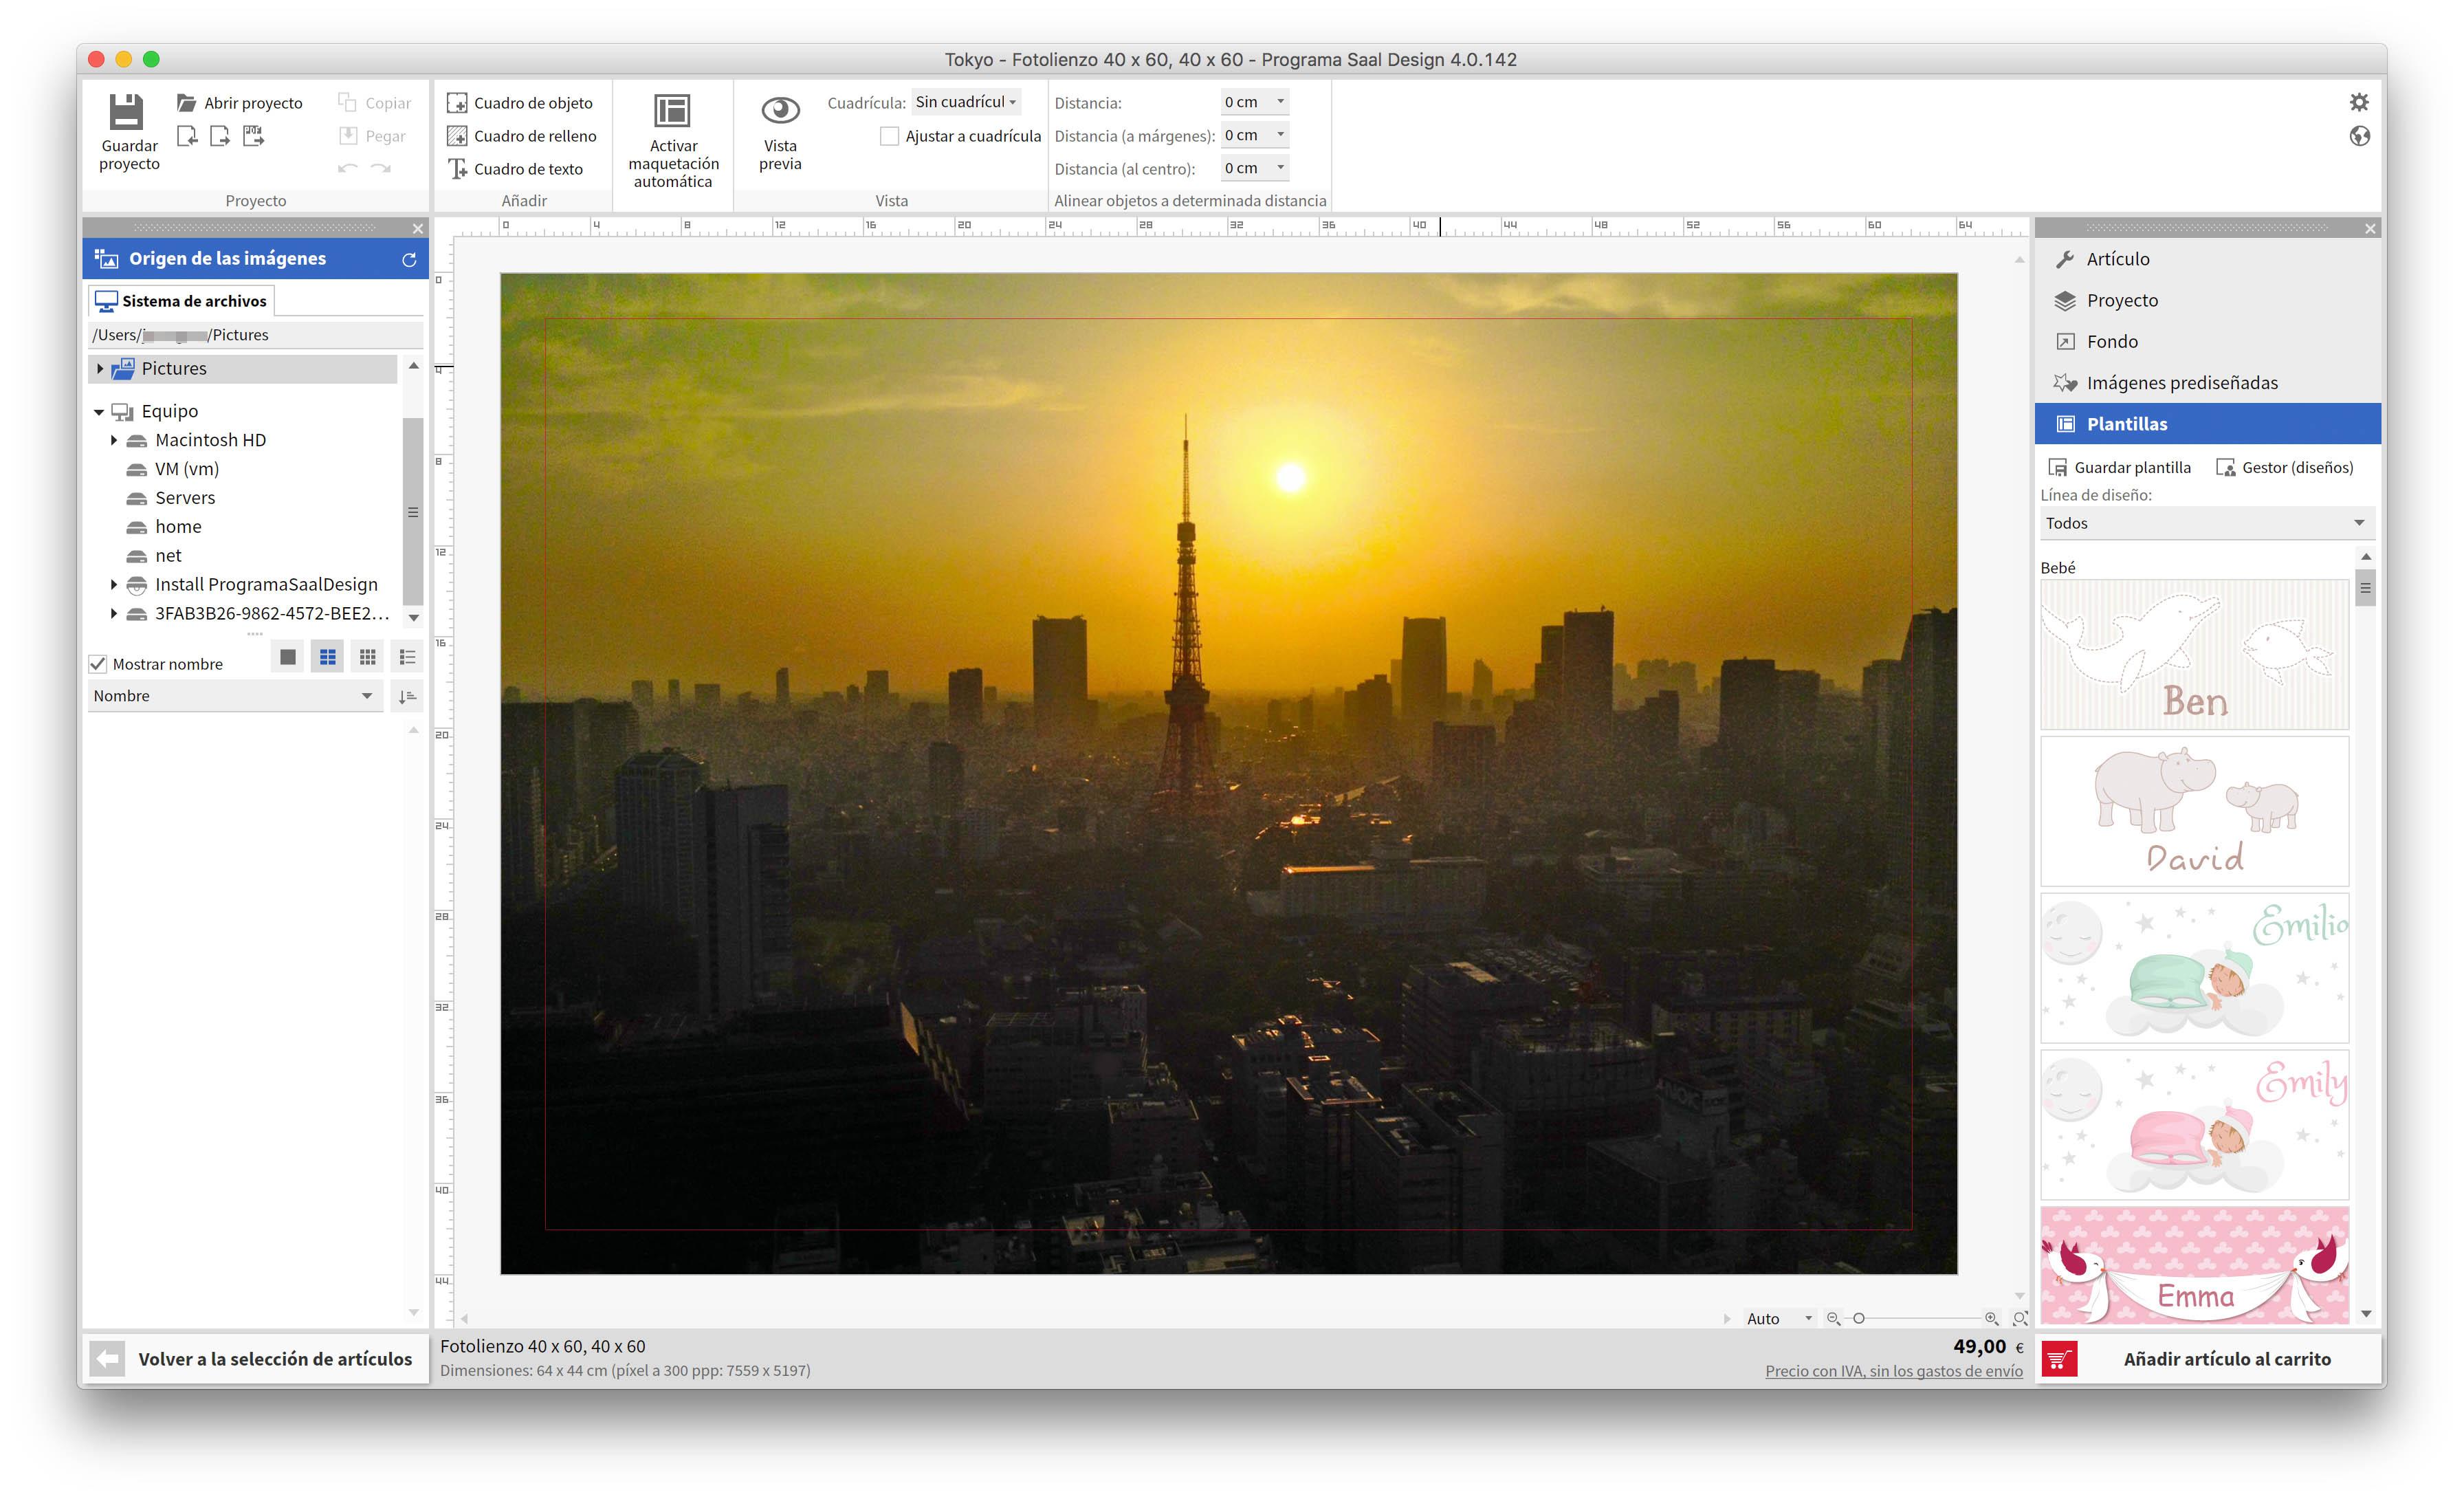 Editando la imagen en el programa